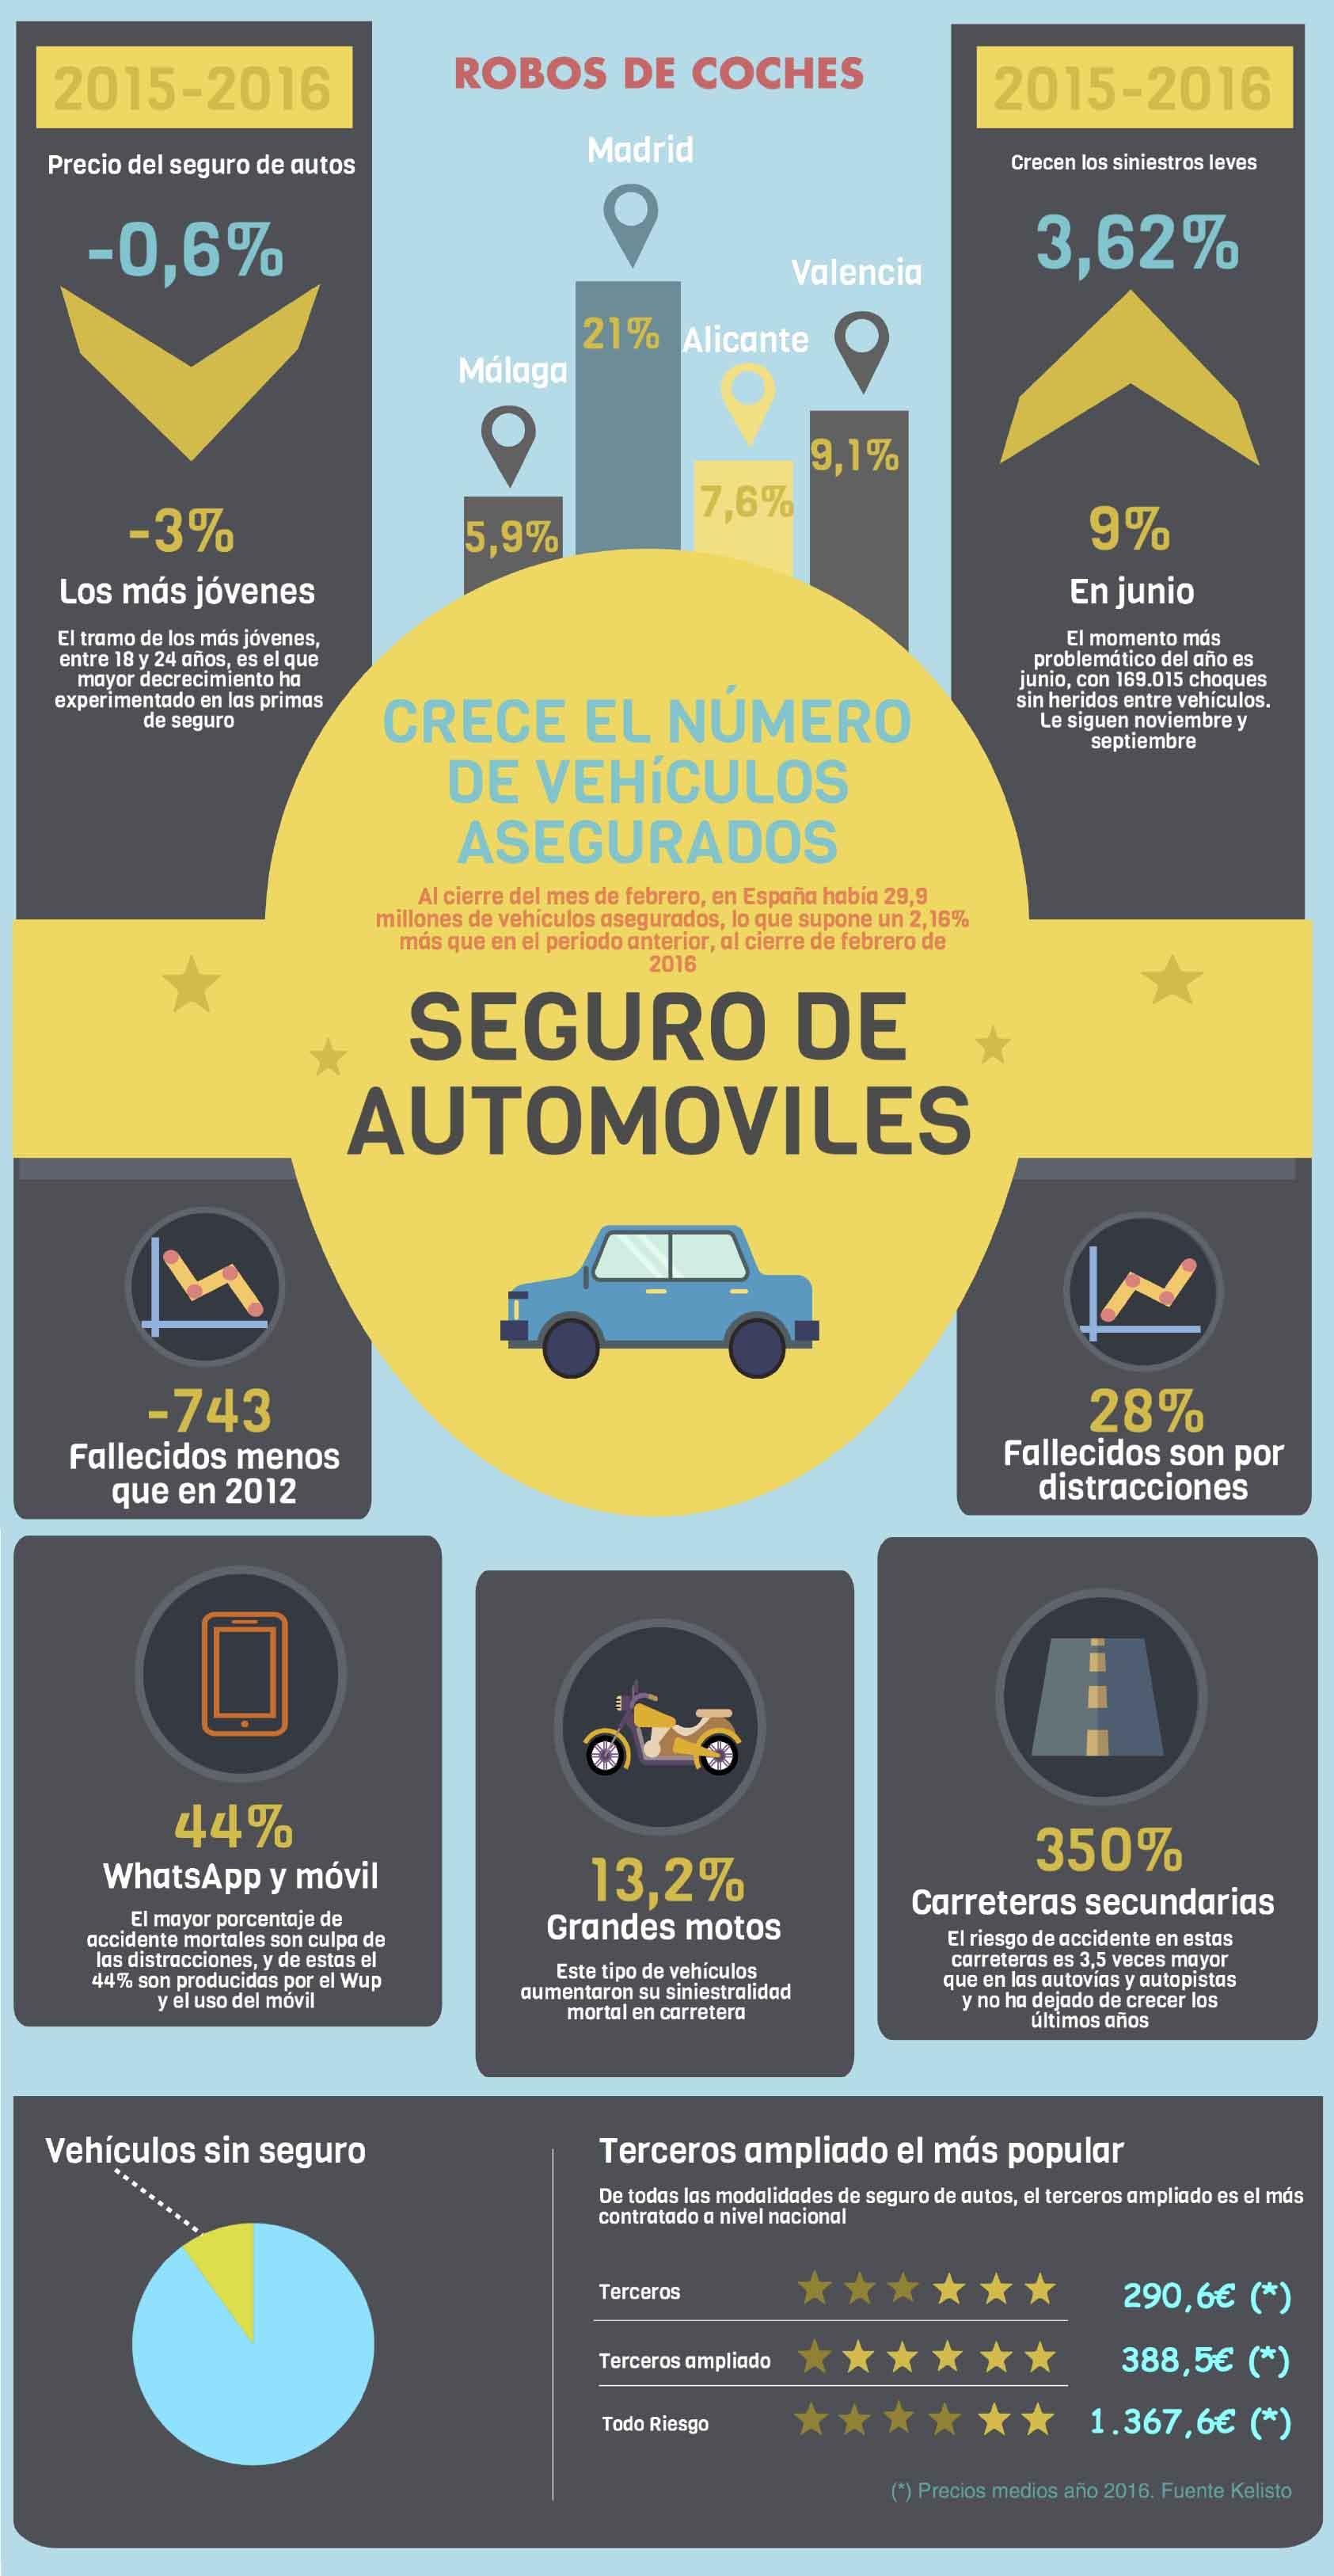 Crece el número de vehículos asegurados